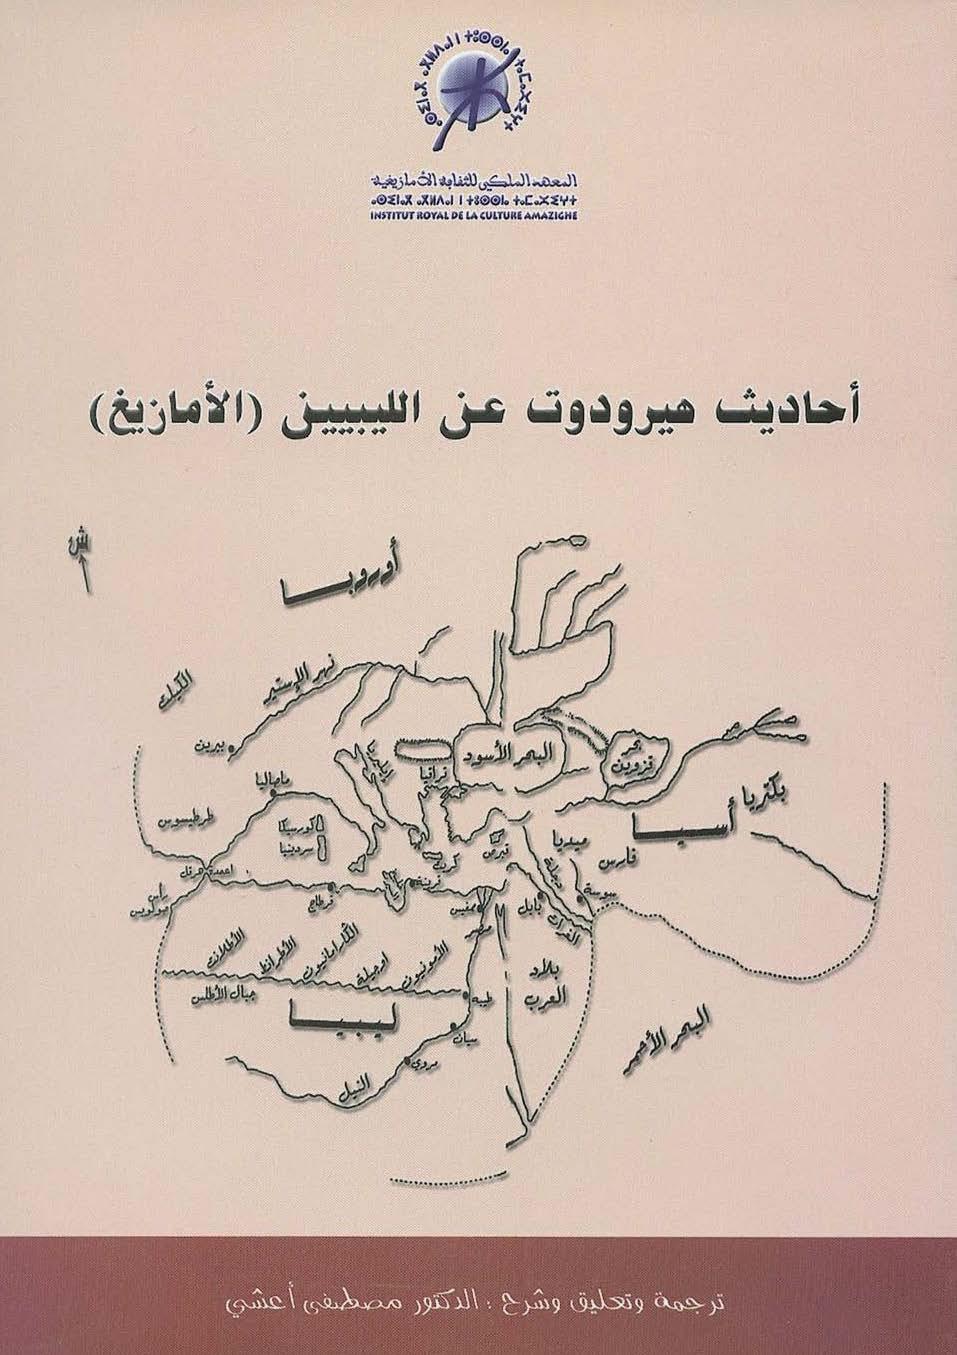 كتاب أحاديث هيرودوت عن الليبيين (الأمازيغ) لـ الدكتور مصطفى أعشي